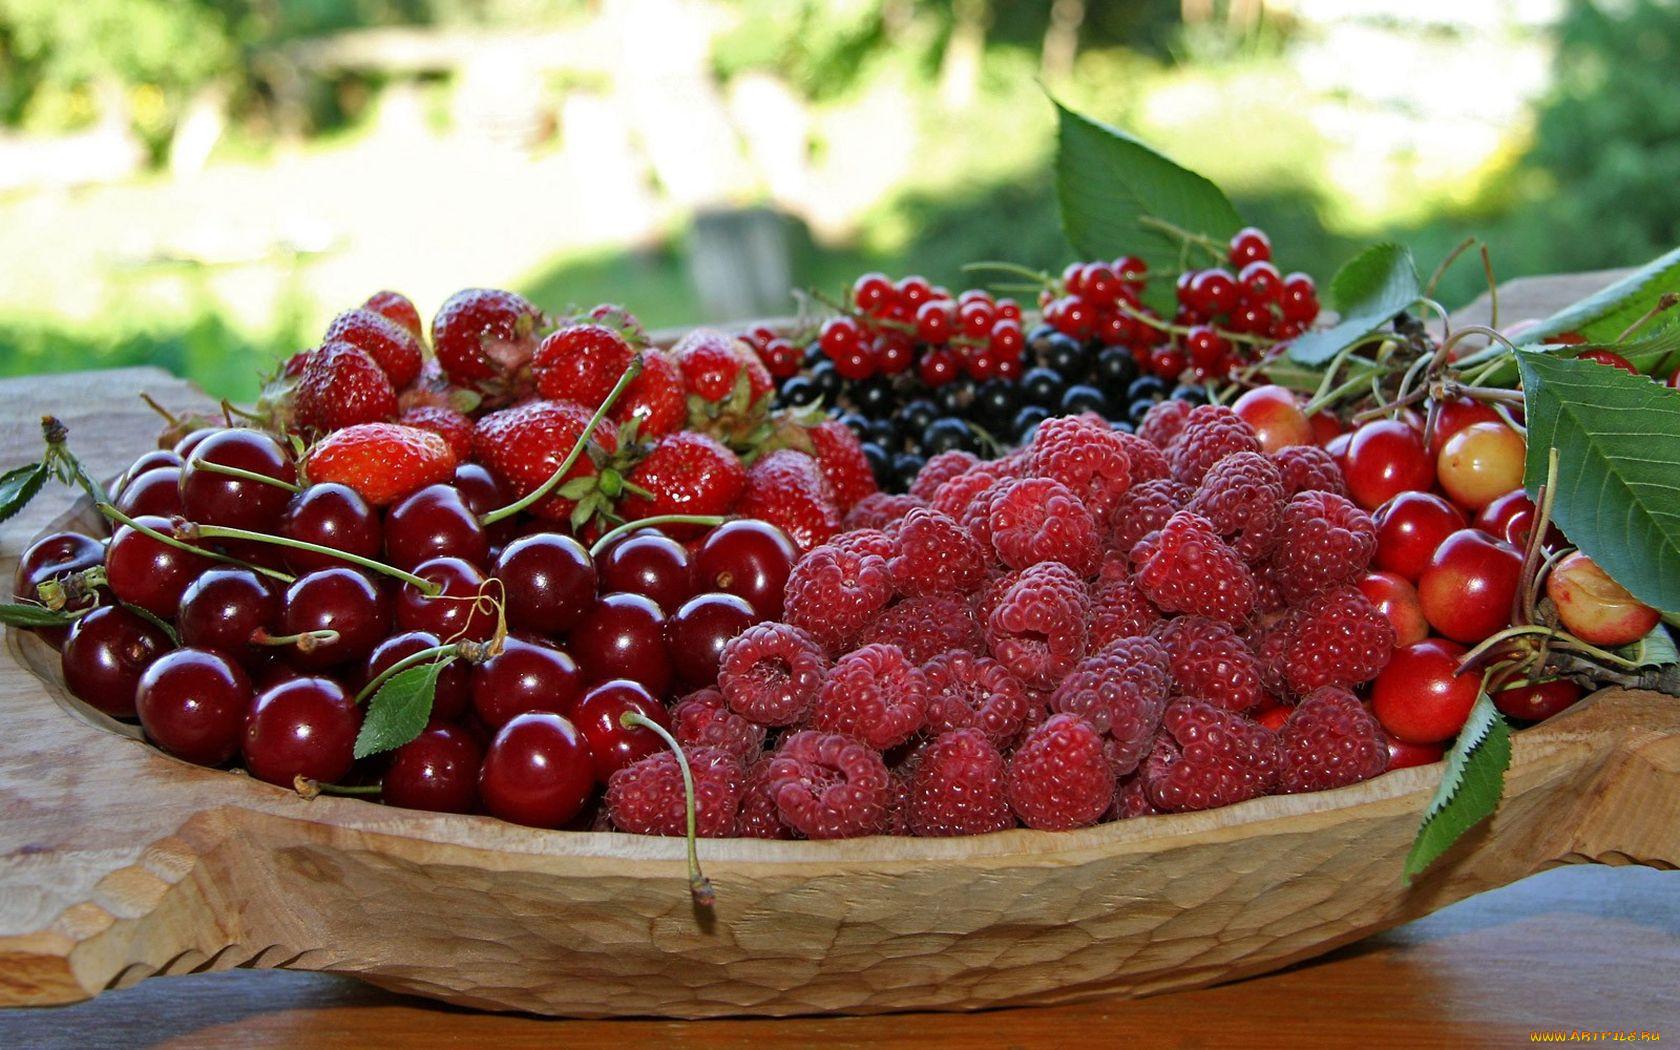 картинки июньские ягоды можно комфортом наблюдать